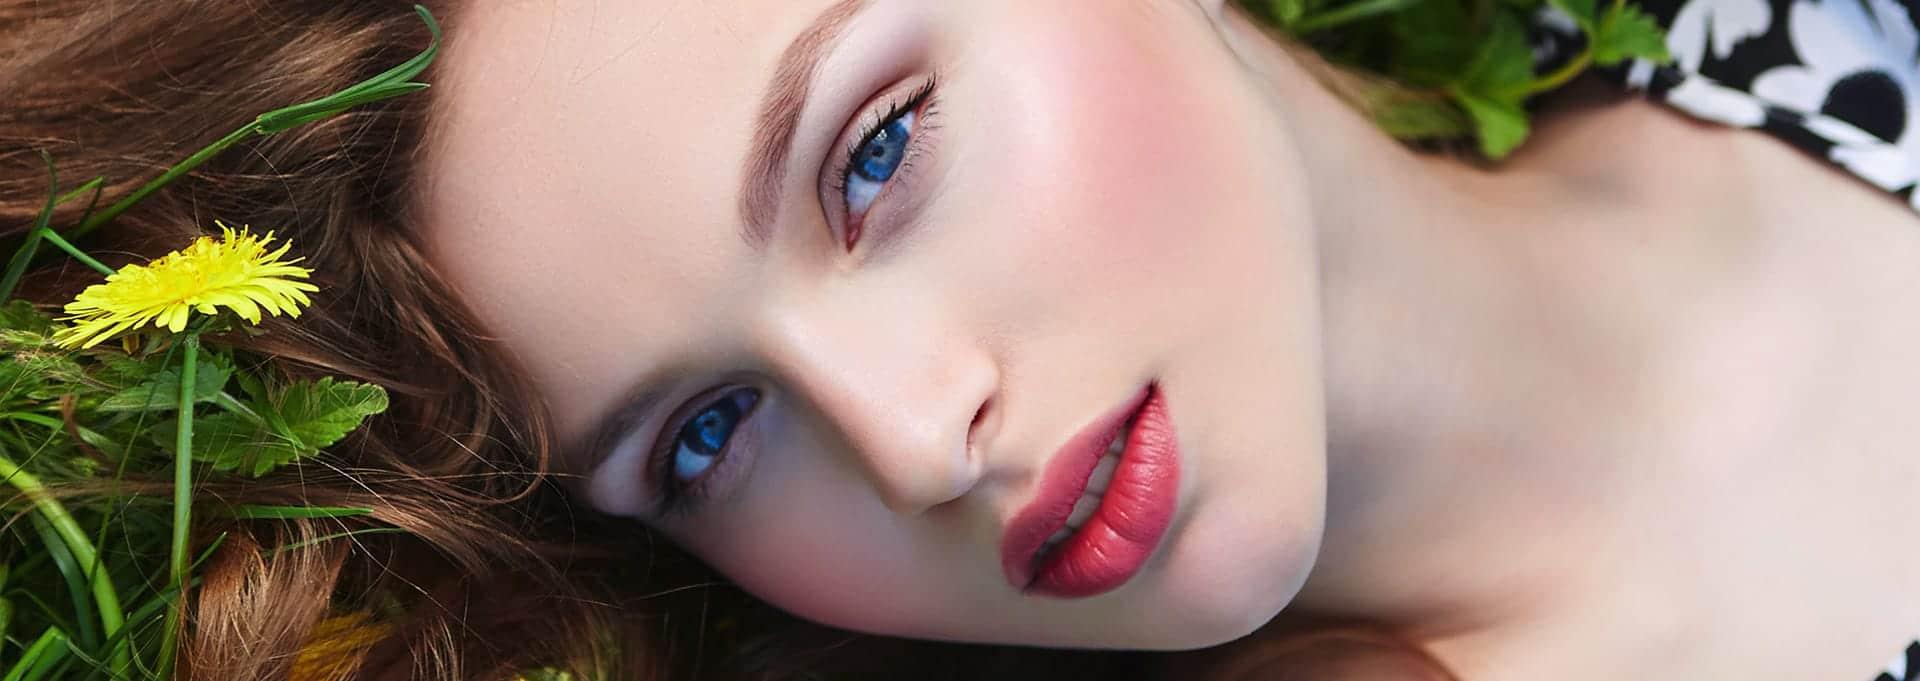 Lèvres - Avoir une belle bouche : comment faire ? - Dermophil